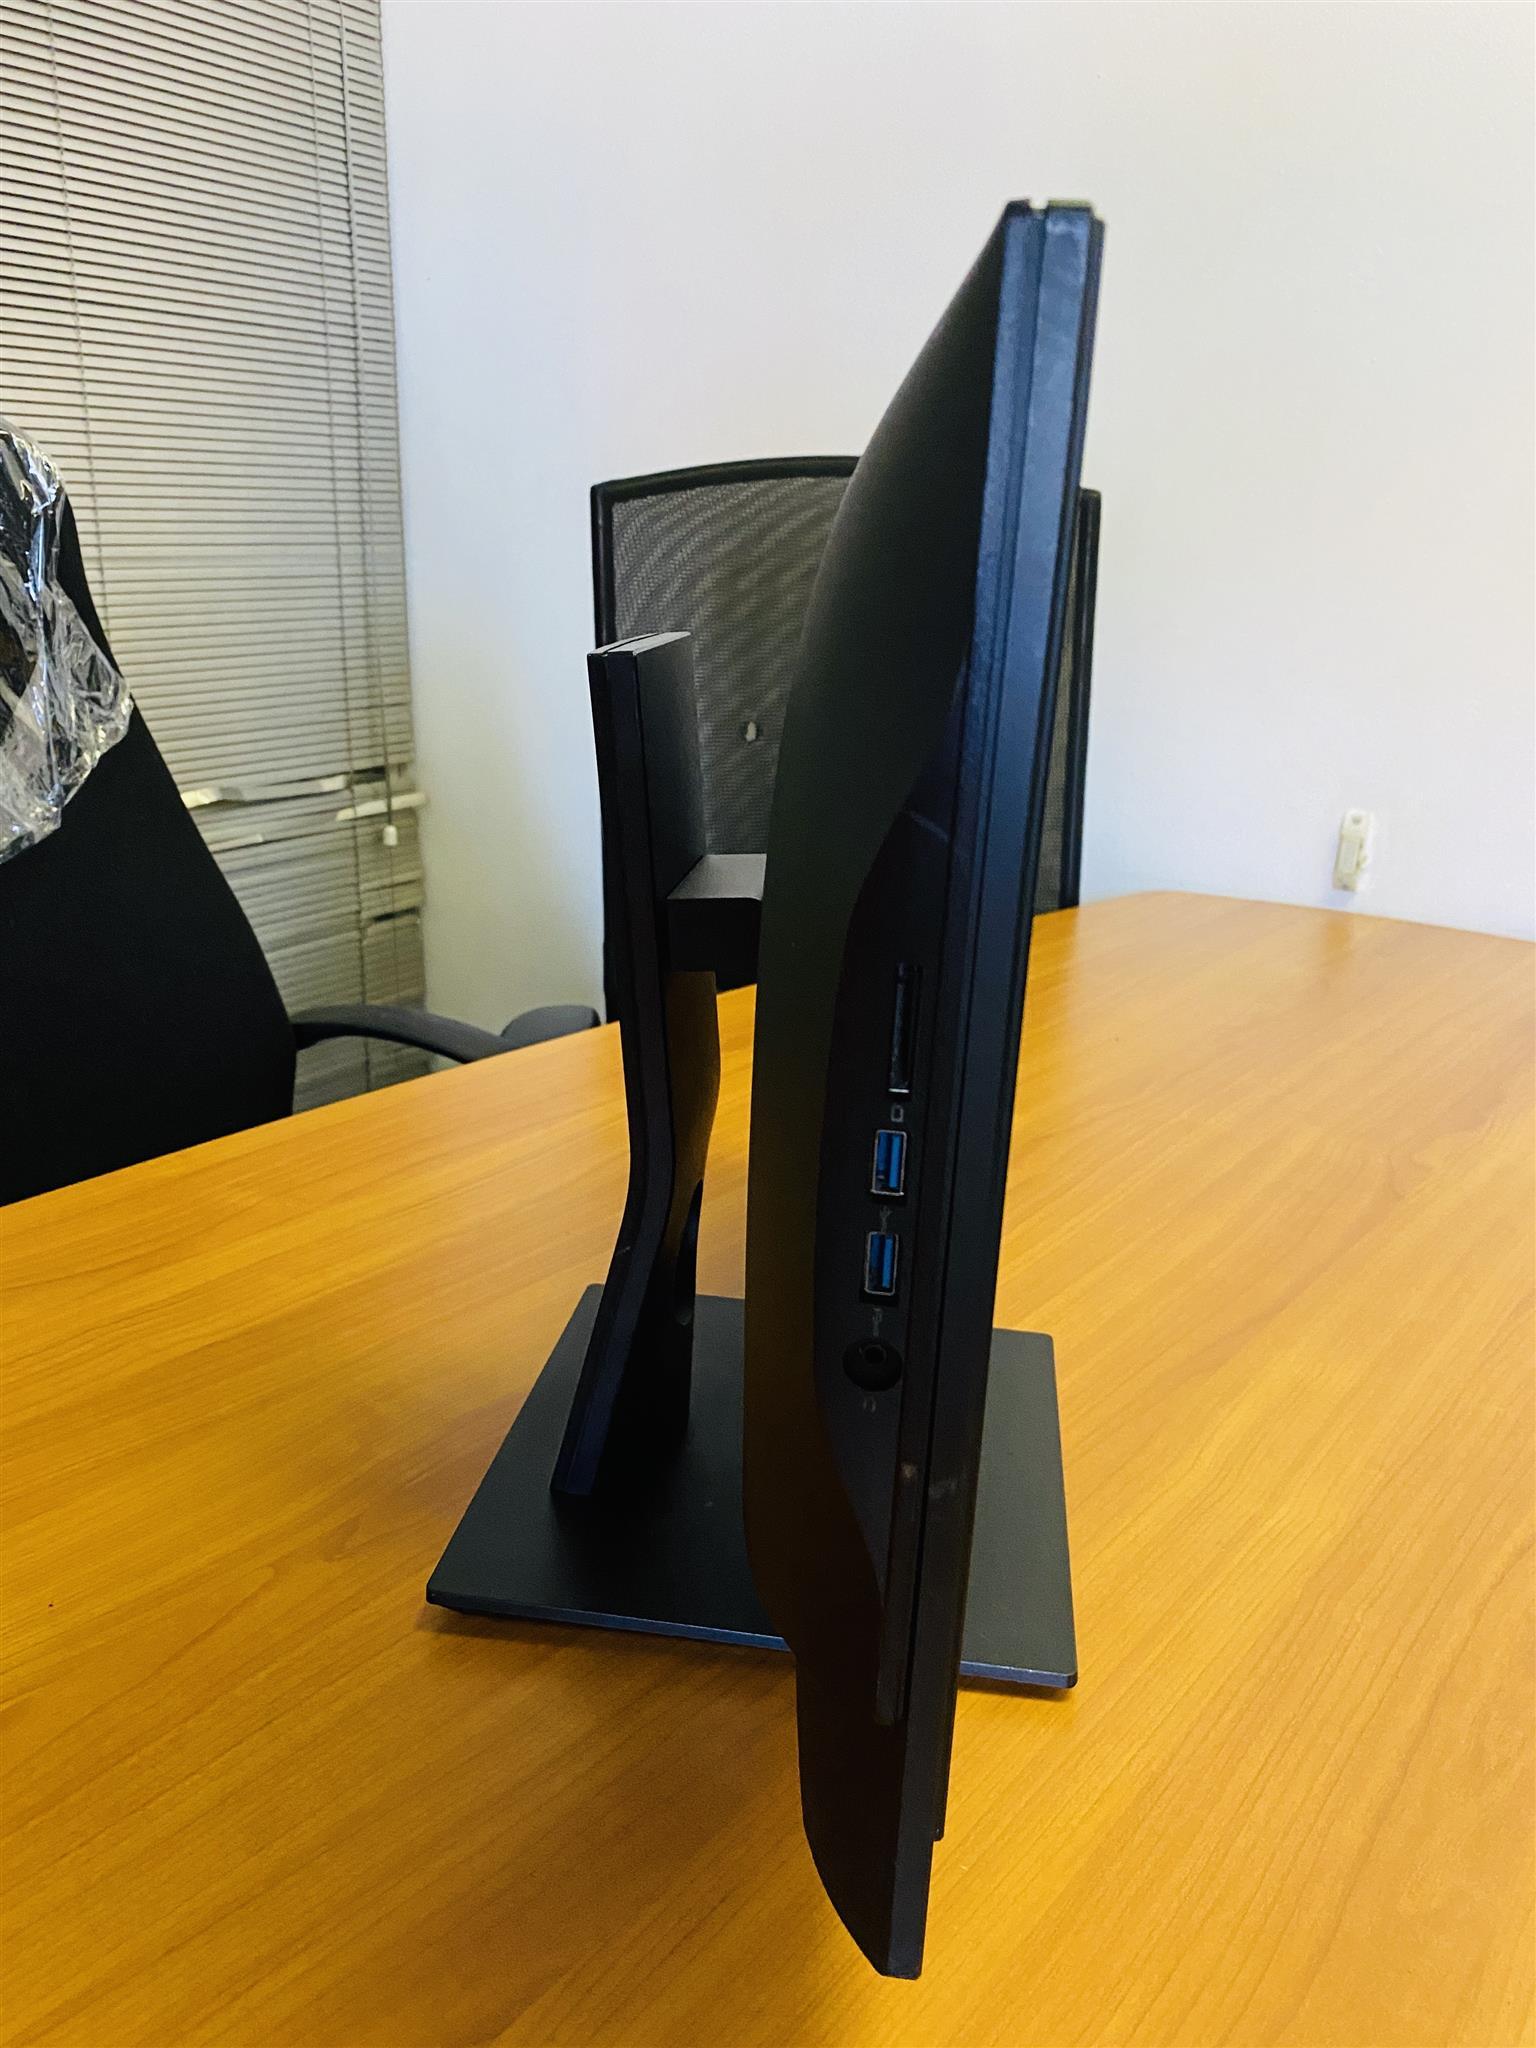 Dell OptiPlex 5250 AIO